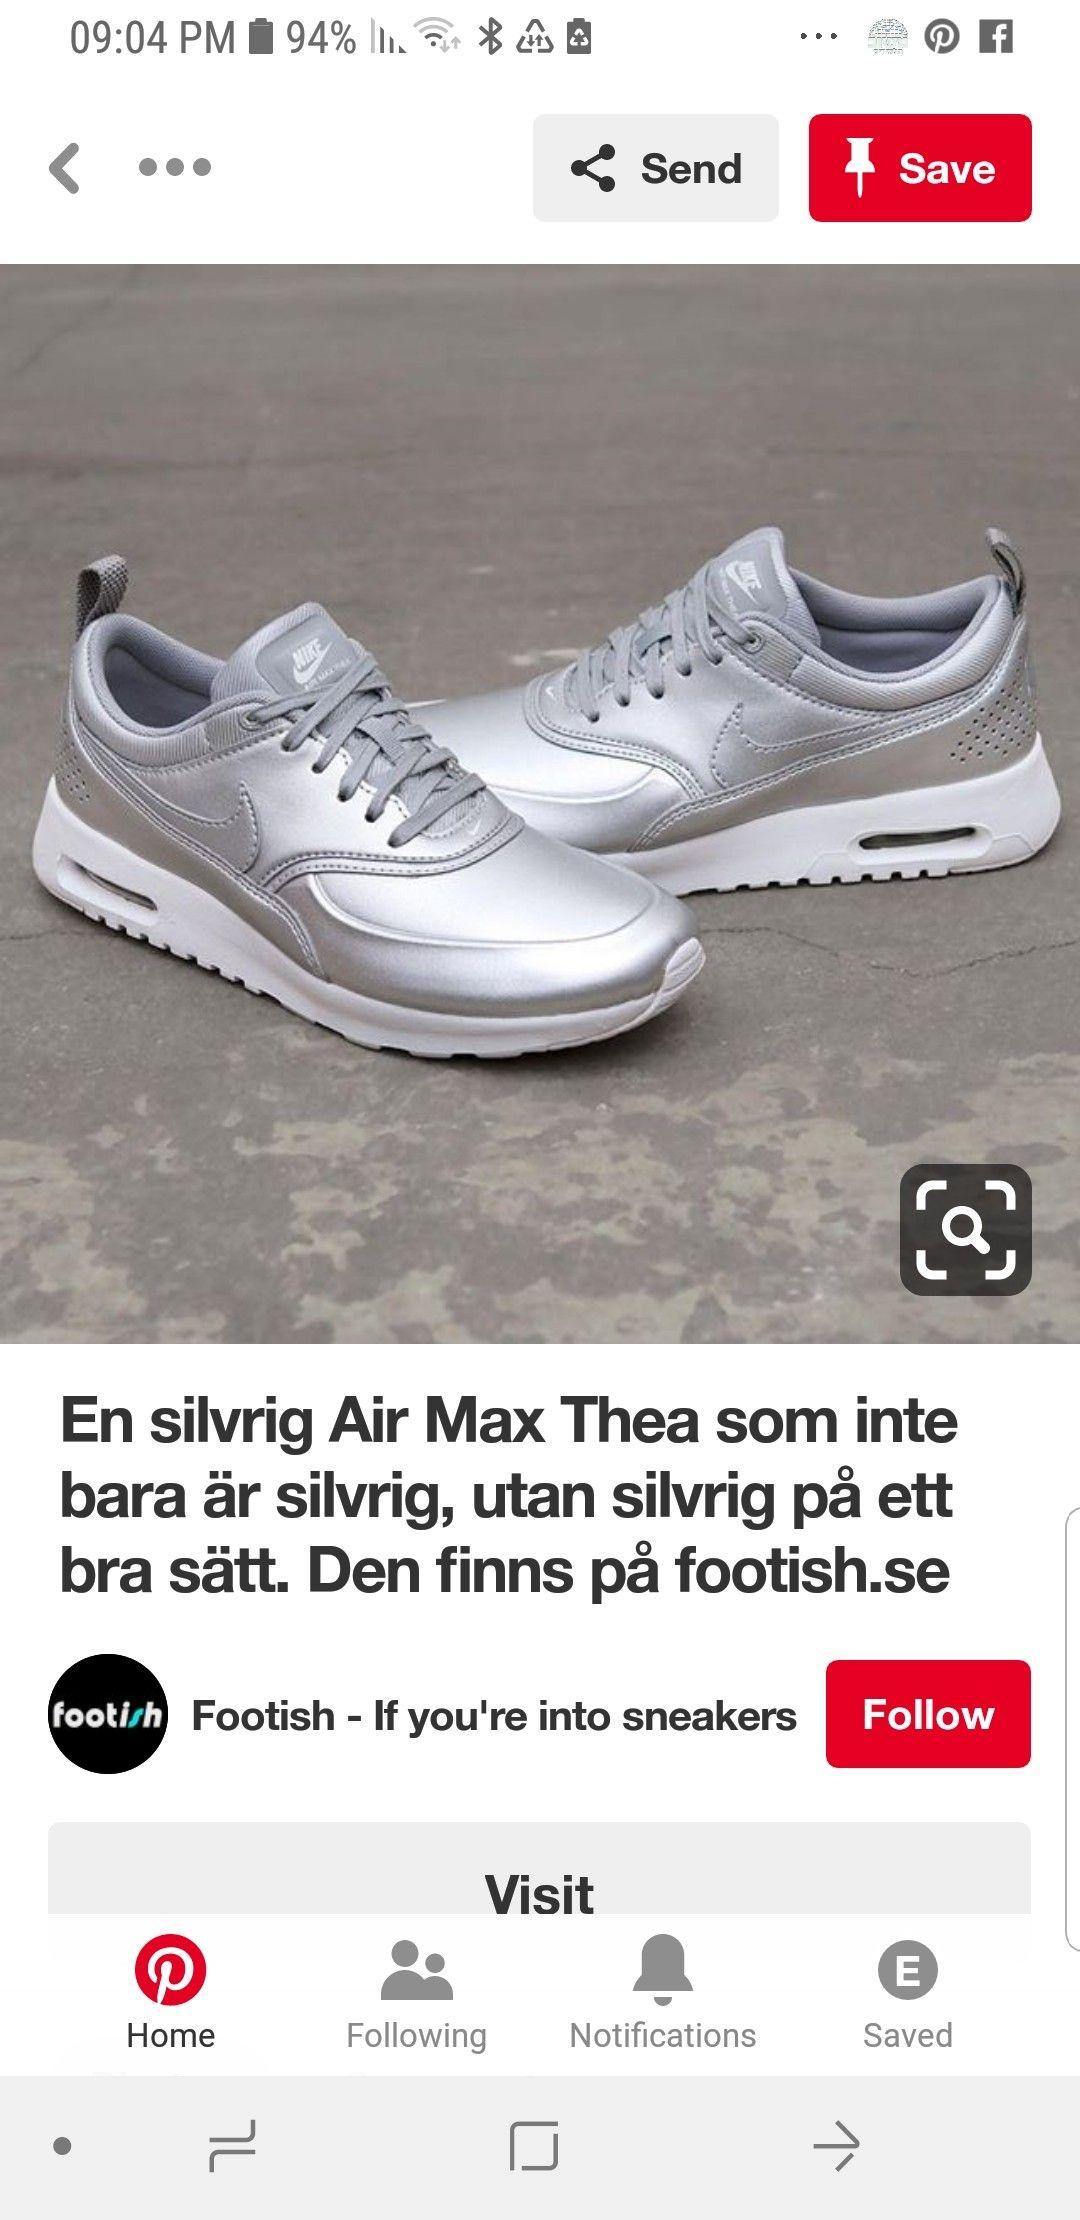 En silvrig Air Max Thea som inte bara är silvrig, utan